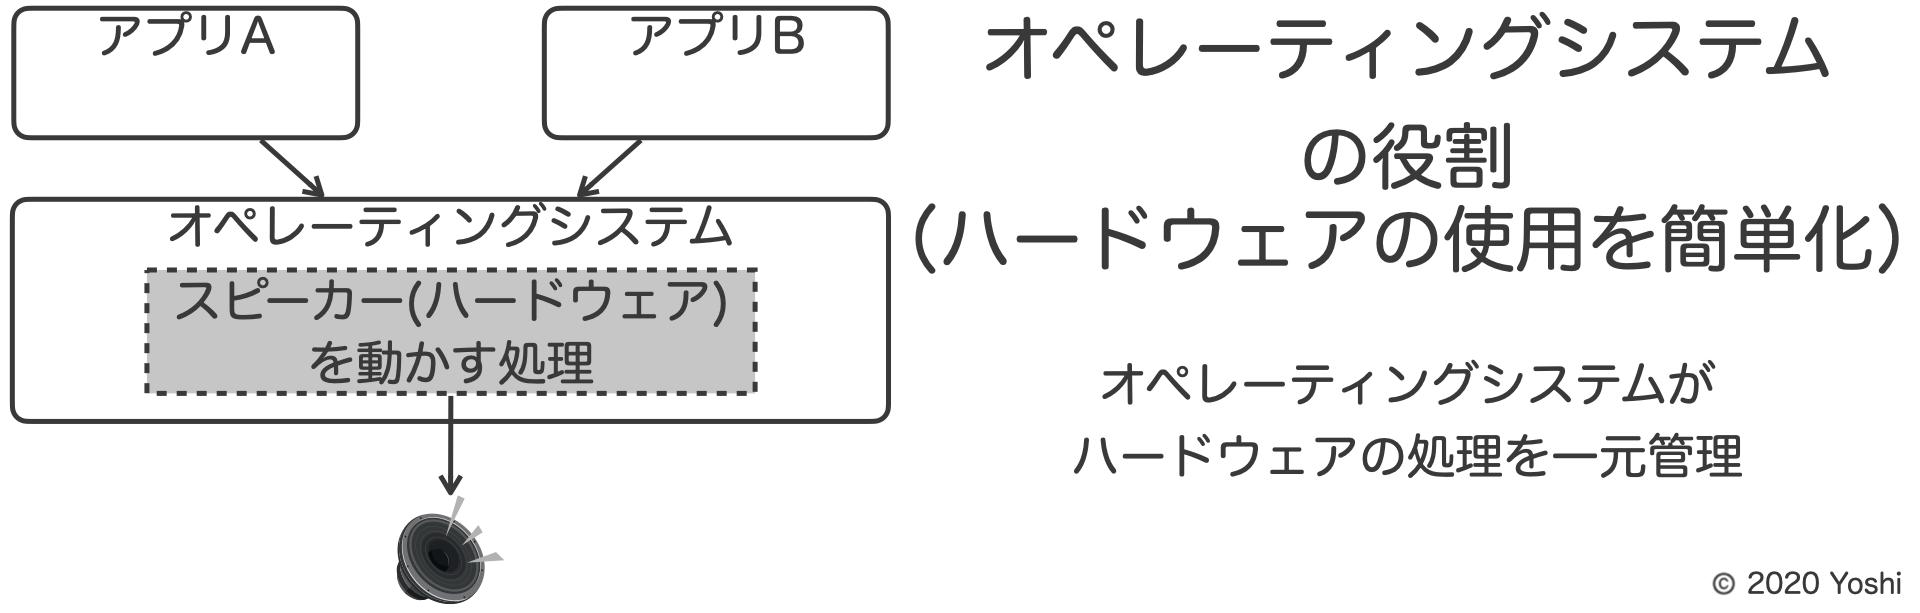 オペレーティングシステムの役割(ハードウェアの使用を簡単化)